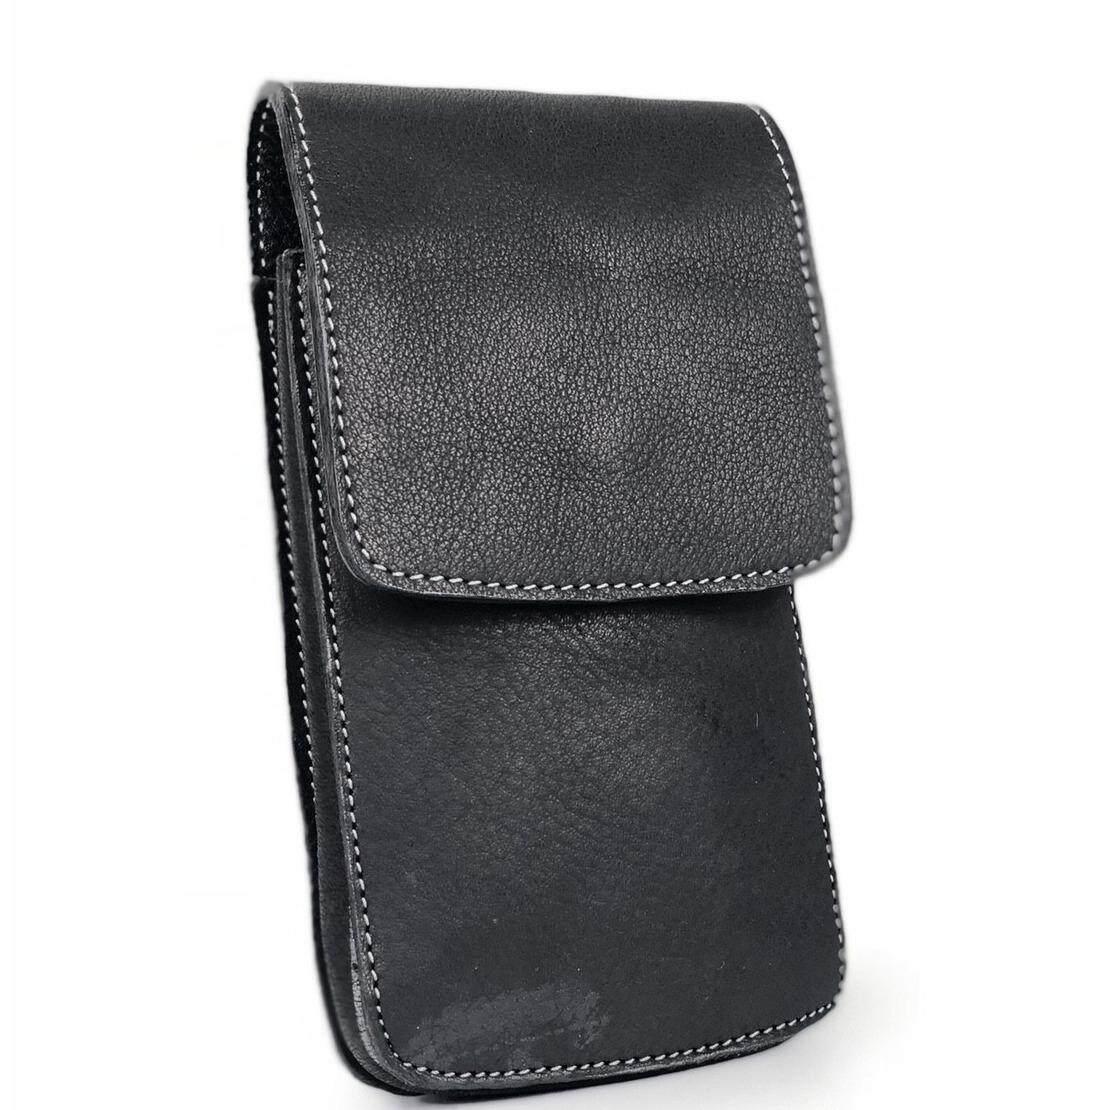 ทบทวน Chinatown Leather กระเป๋ามือถือหนังแท้ รุ่น ฝาตั้งครึ่ง Iphone8 Iphone10 สีดำ